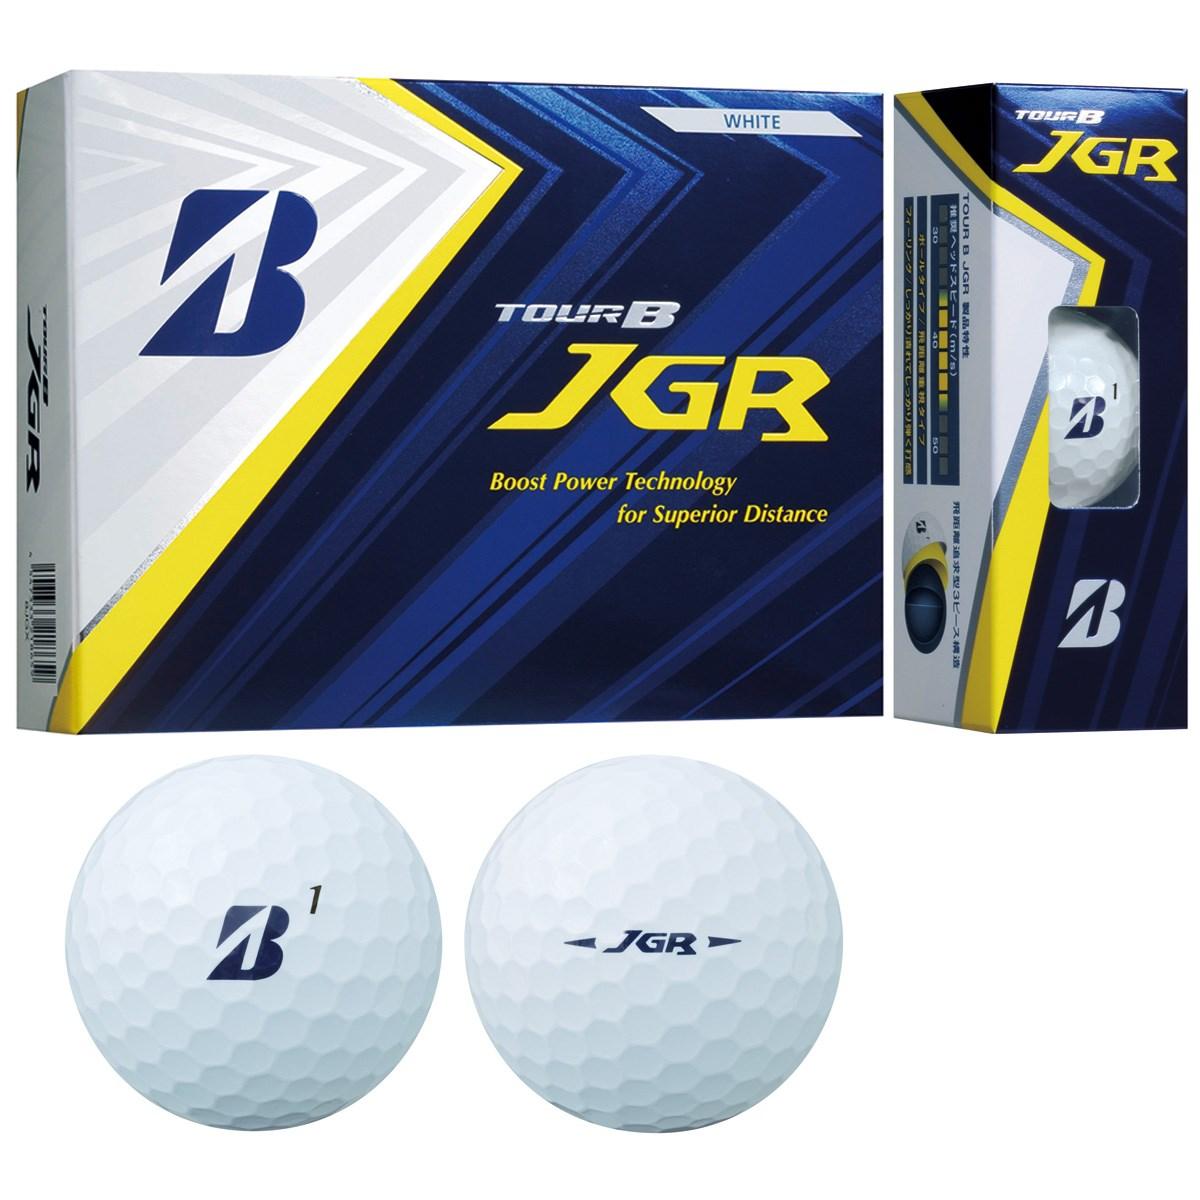 【特注】JGR(ホワイト) ボール